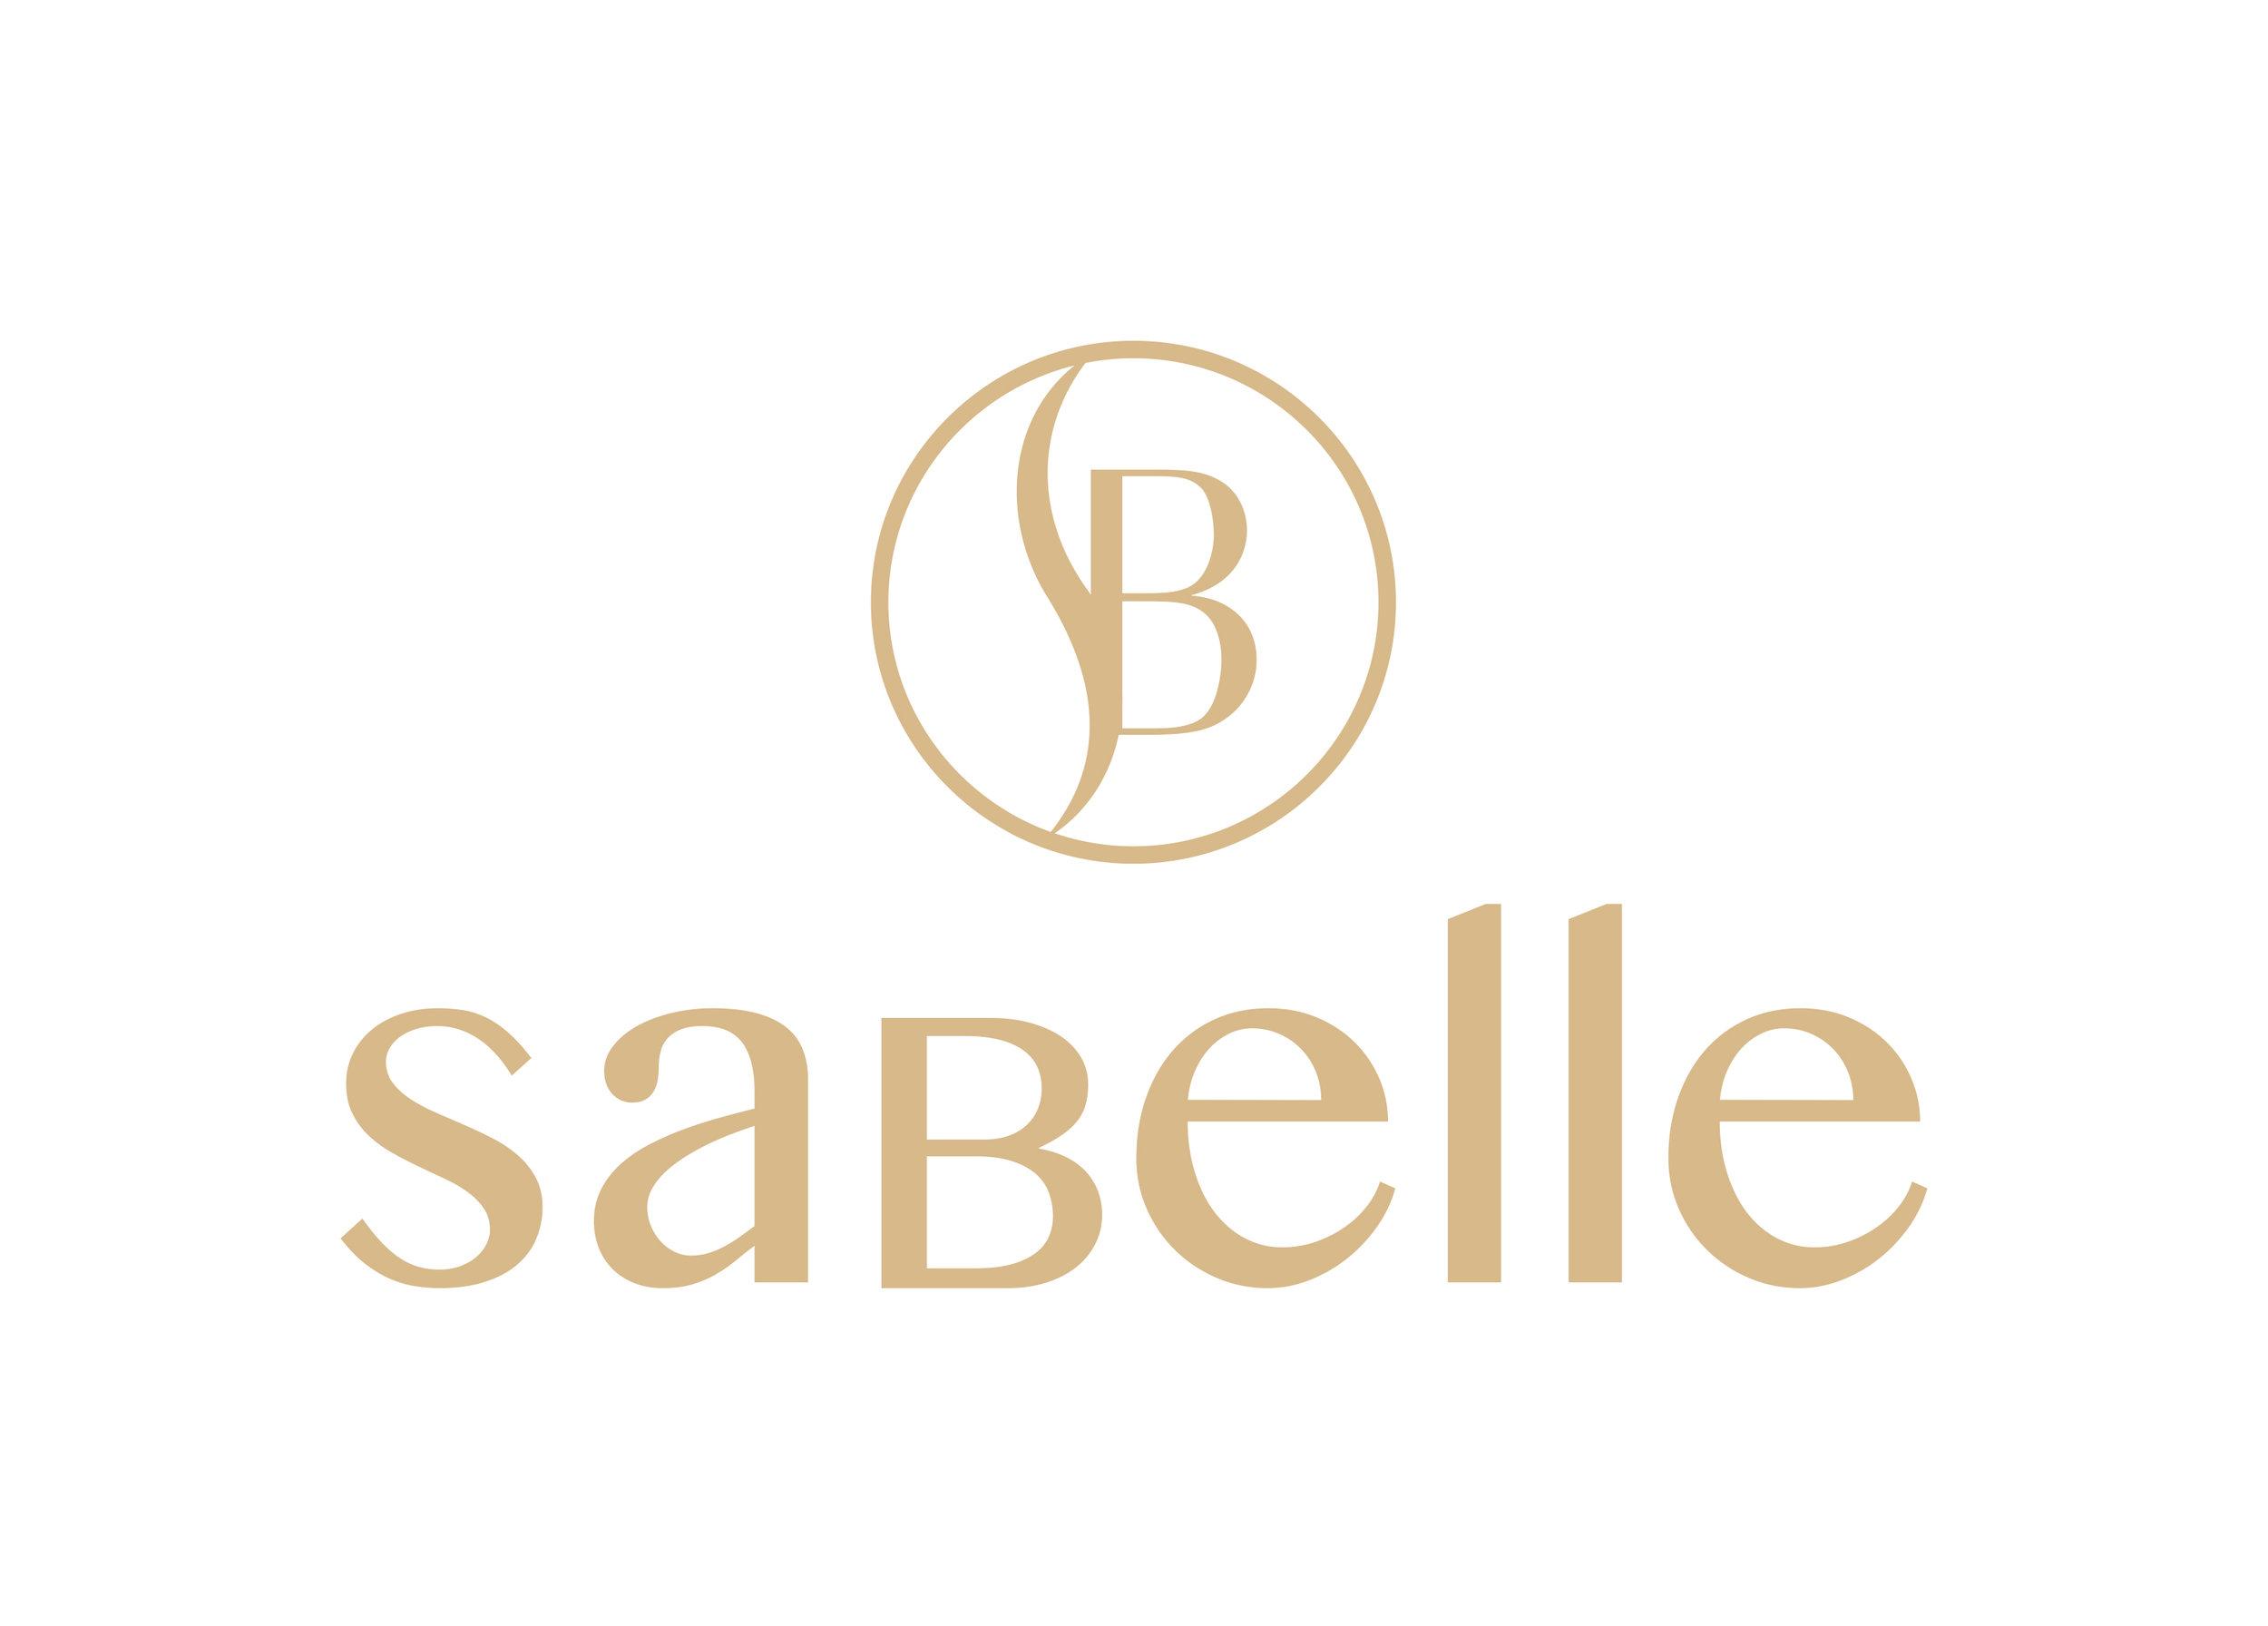 Sabelle_Pantone467C.jpg